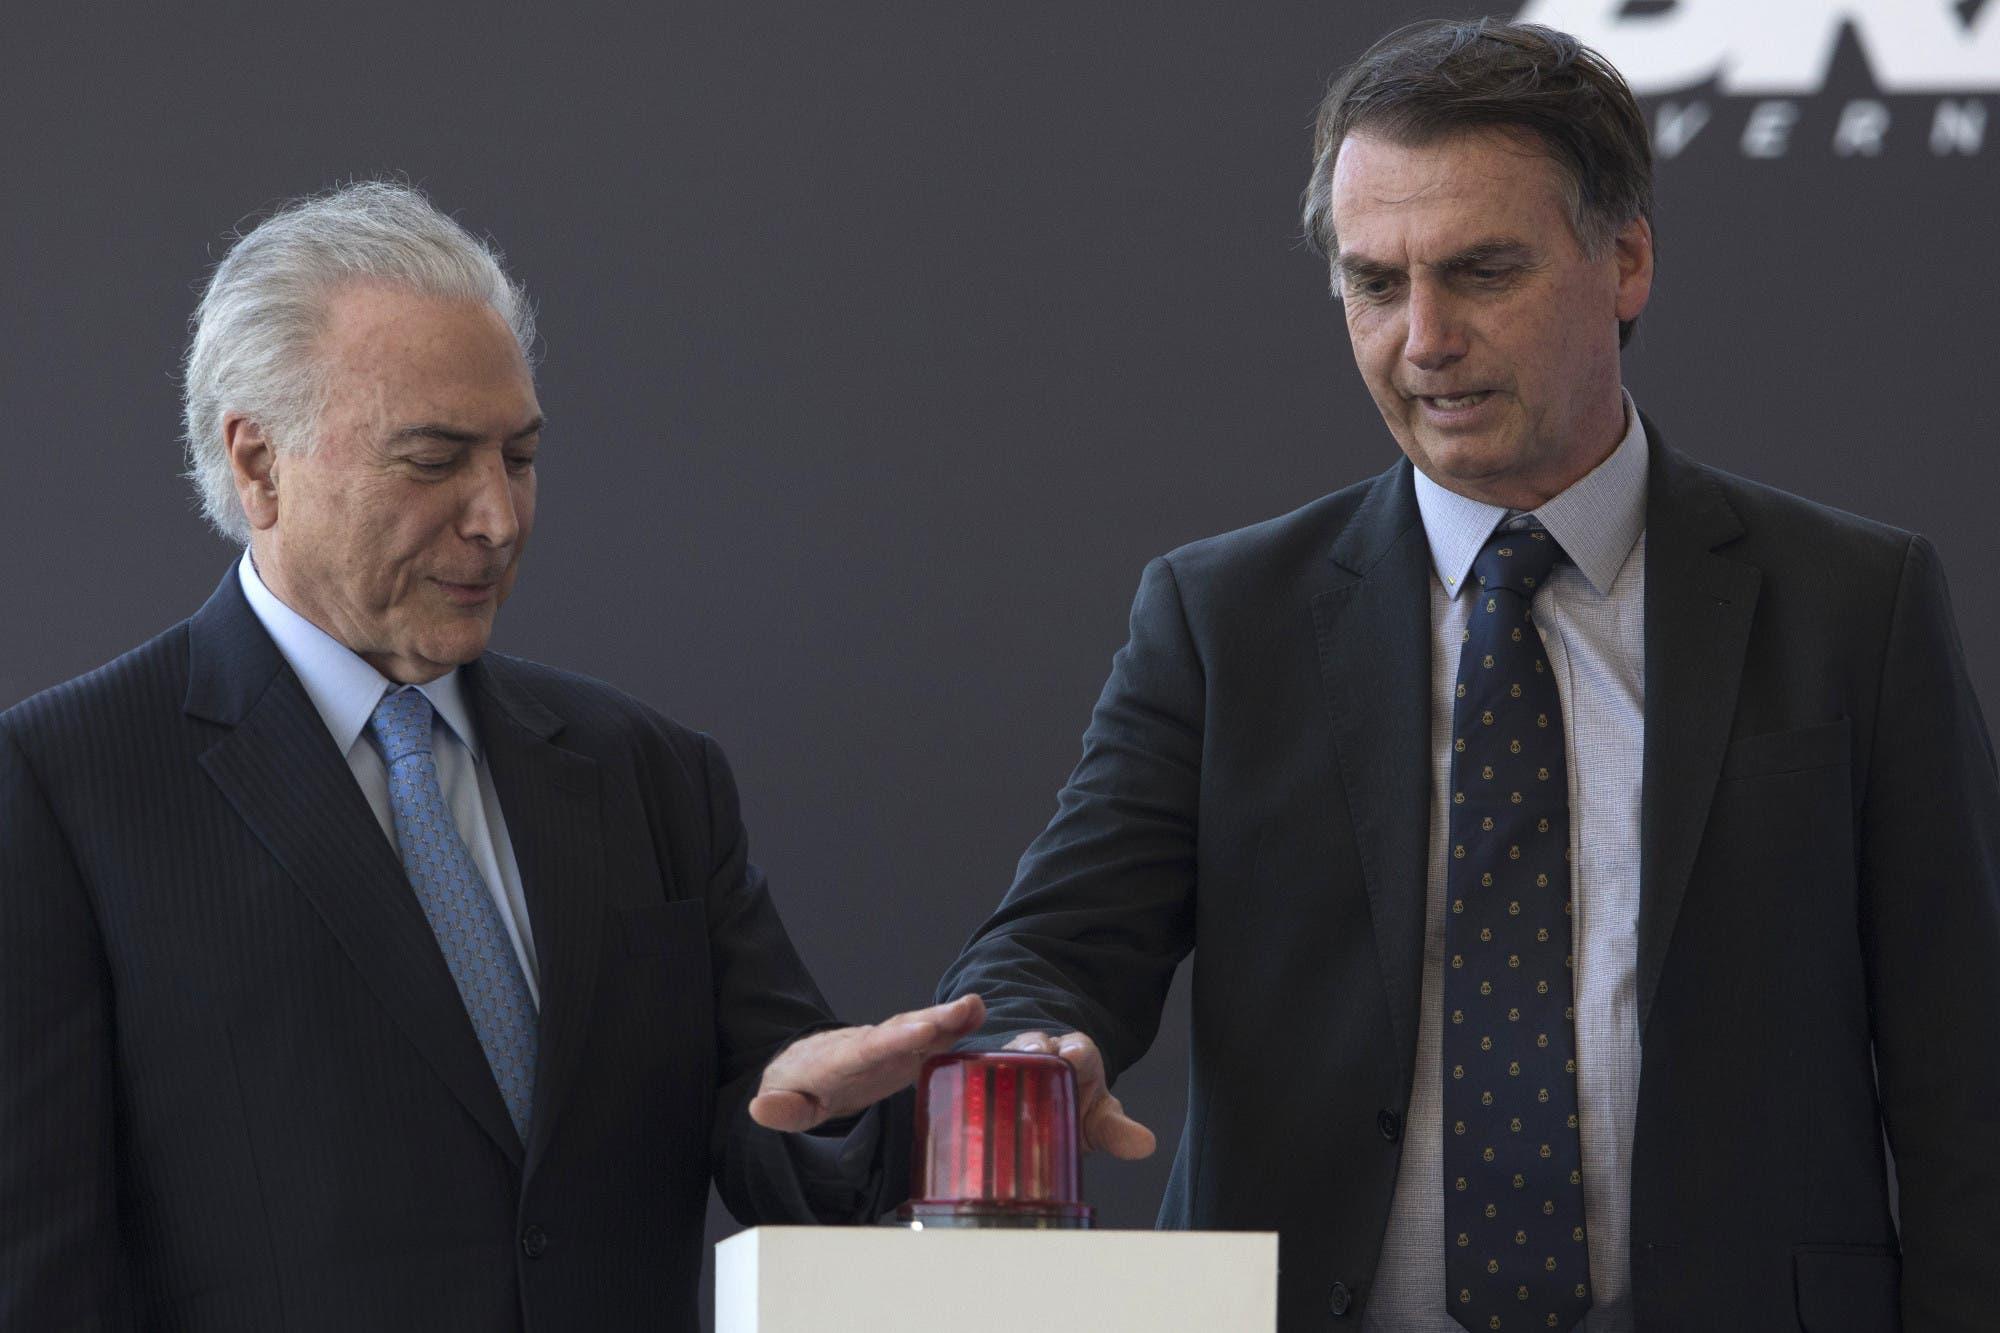 La economía global llegará con dudas a 2019 y la apuesta argentina es Brasil